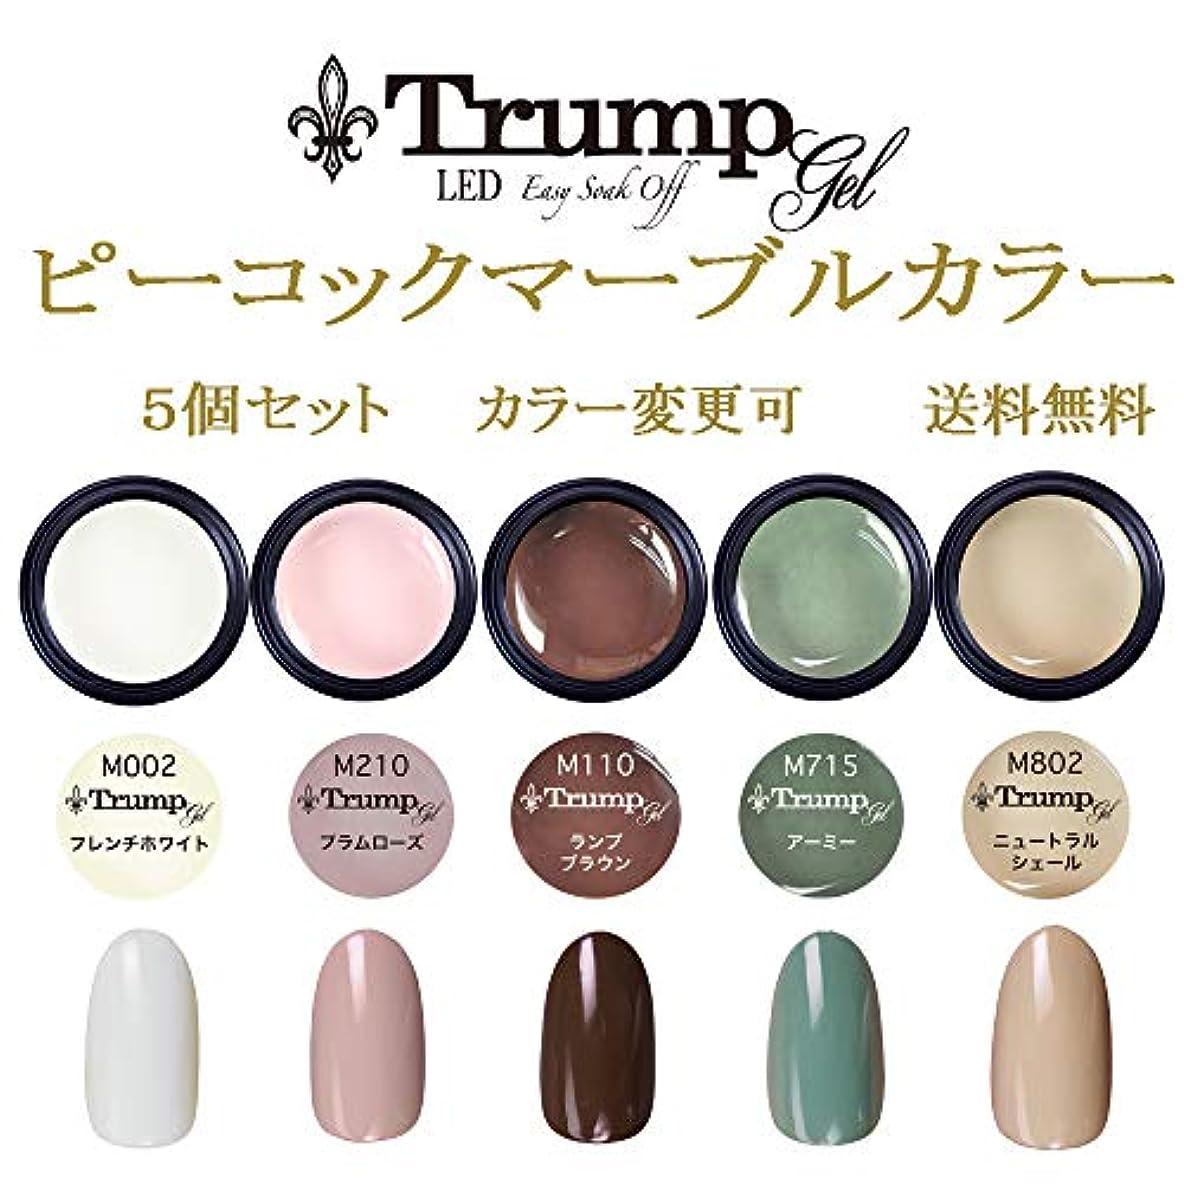 樹皮無視弱い【送料無料】日本製 Trump gel トランプジェル ピーコックマーブル カラージェル 5個セット 魅惑のフロストマットトップとマットに合う人気カラーをチョイス